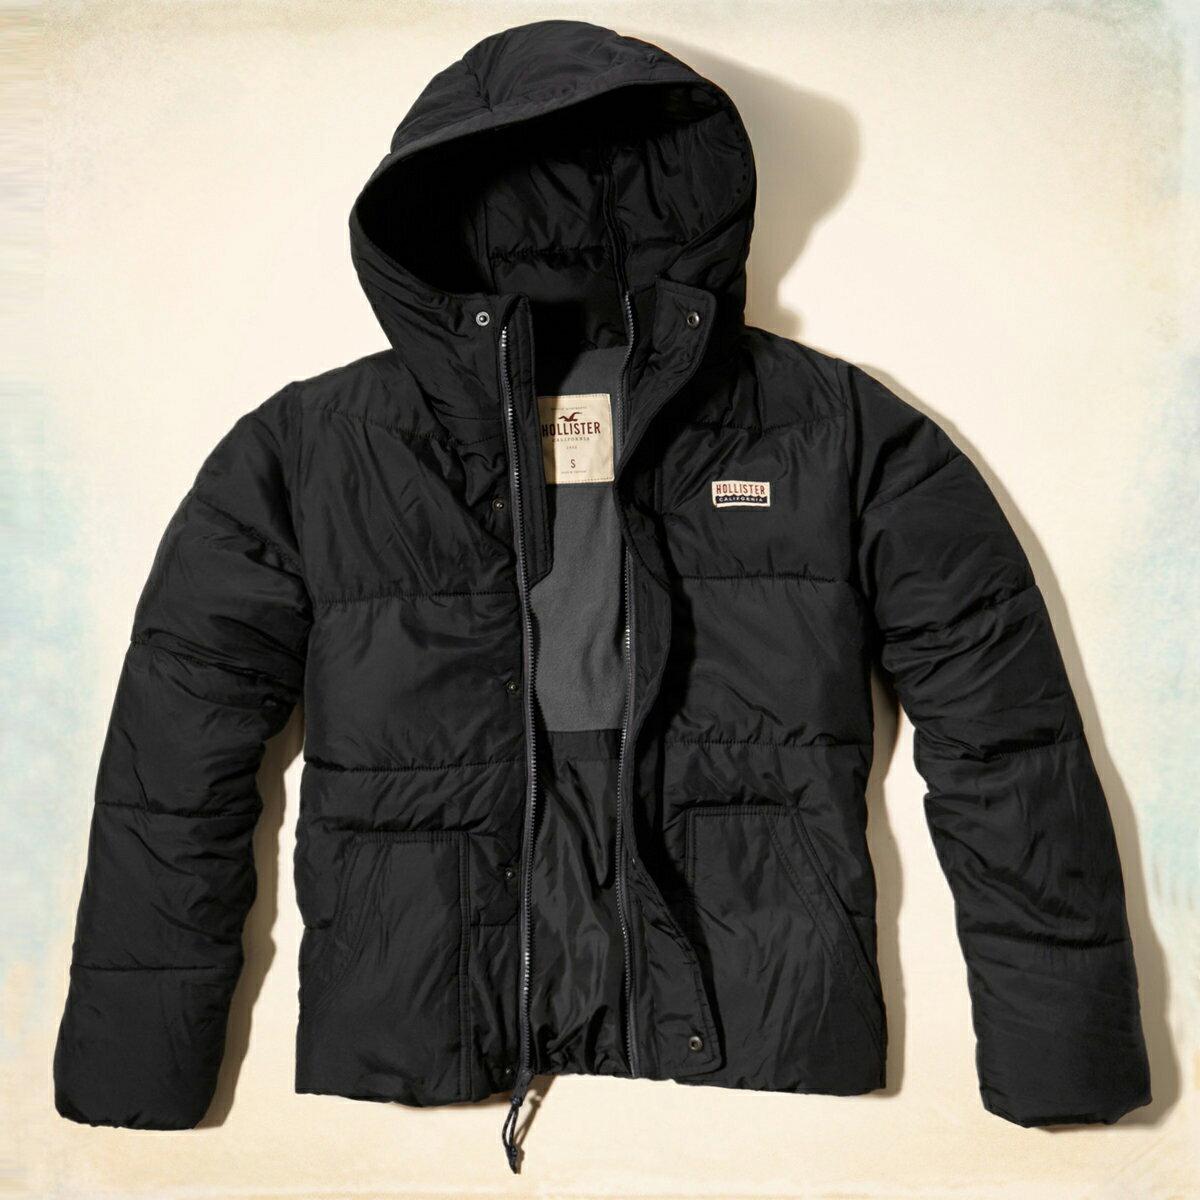 美國百分百【全新真品】Hollister Co. HCO 海鷗 男 深藍 休閒 鋪棉 保暖 連帽 外套 S號 E491